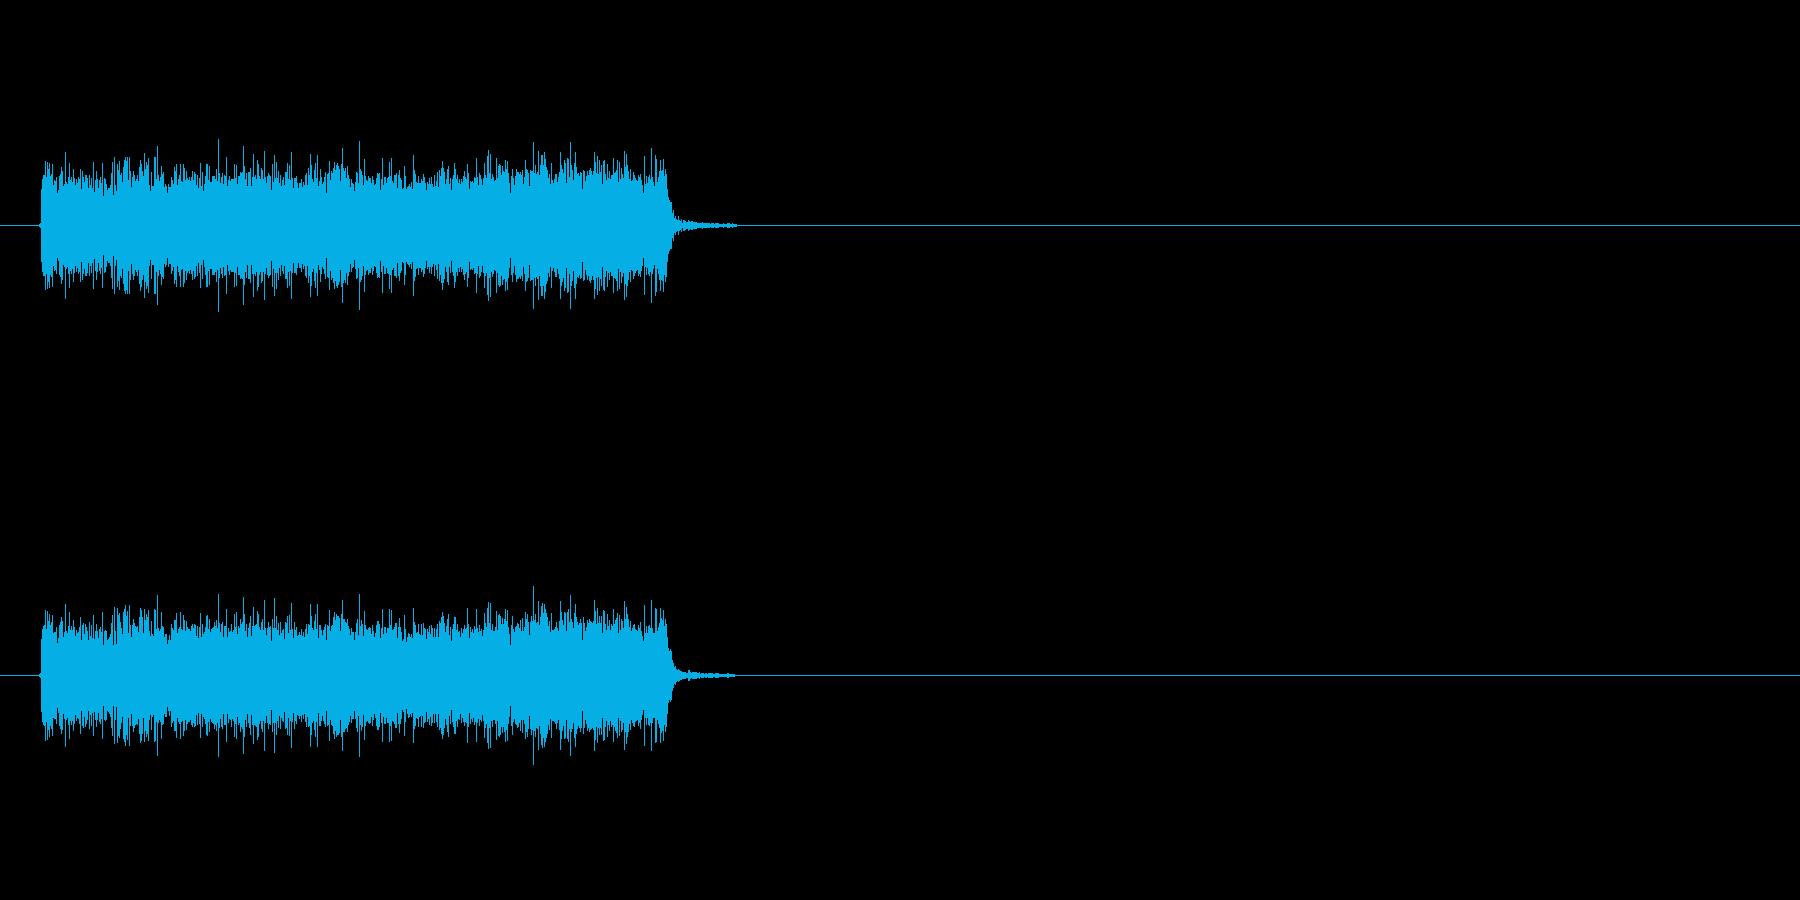 ロック曲等に使えるエレキギター効果音1の再生済みの波形